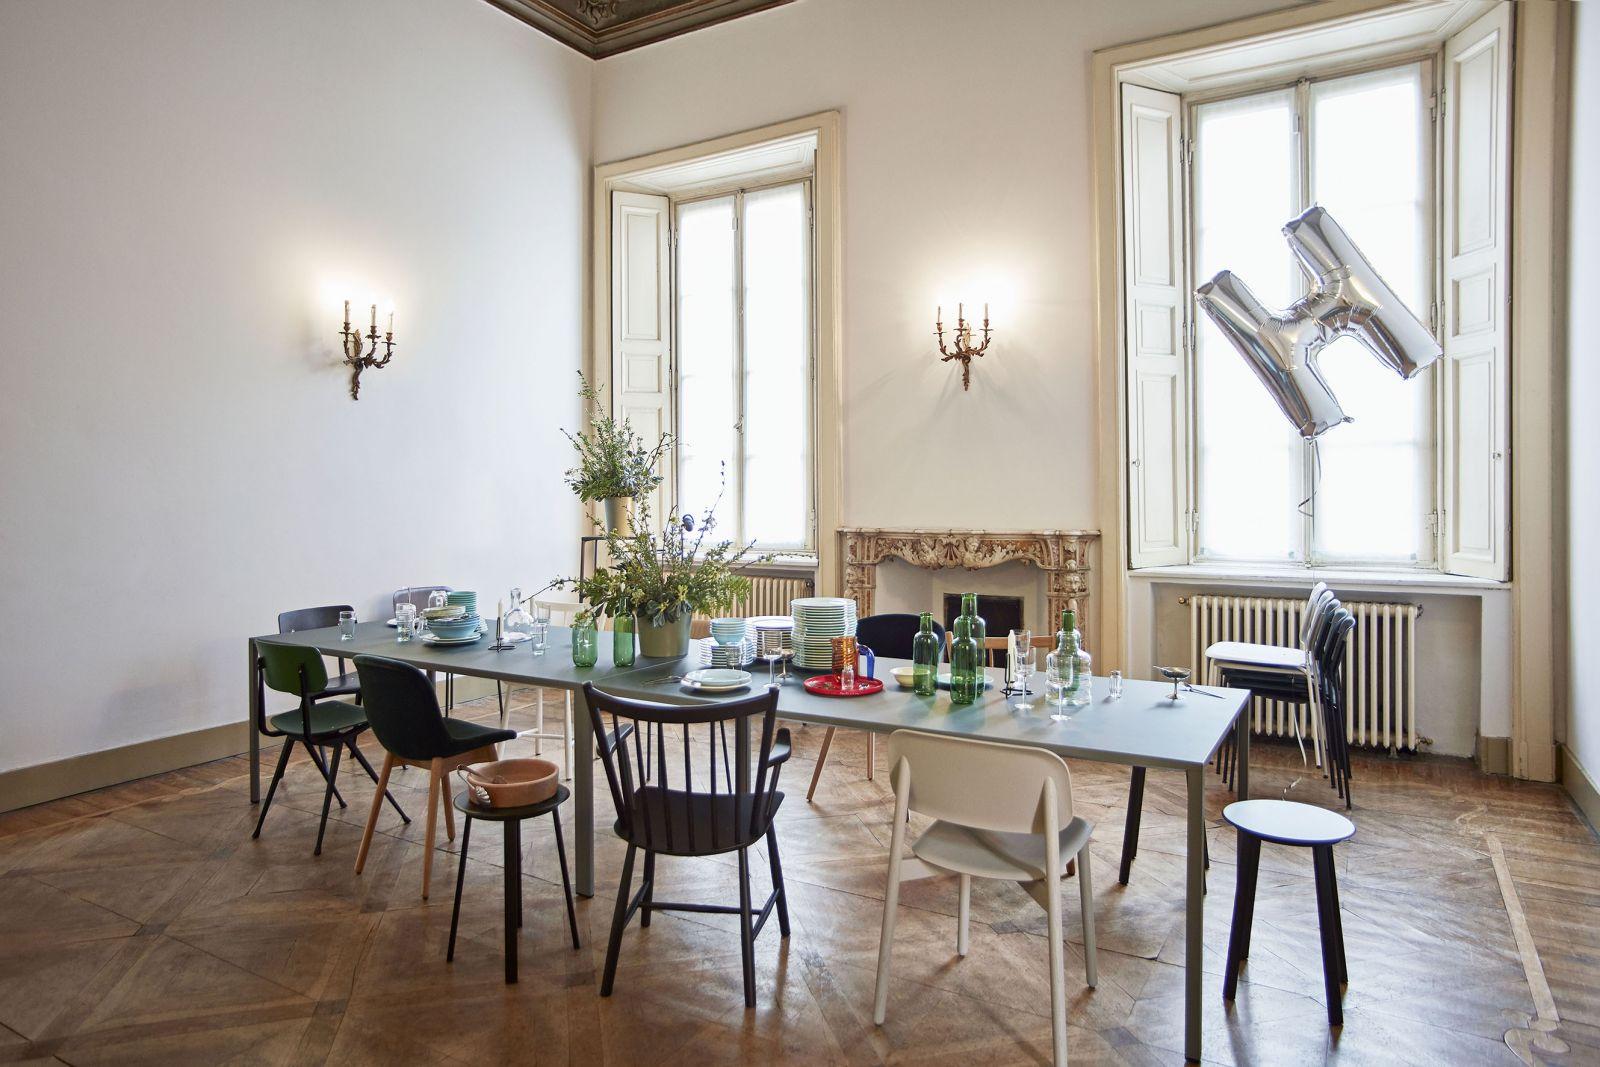 Milan 2018 Dining Space (2).jpg